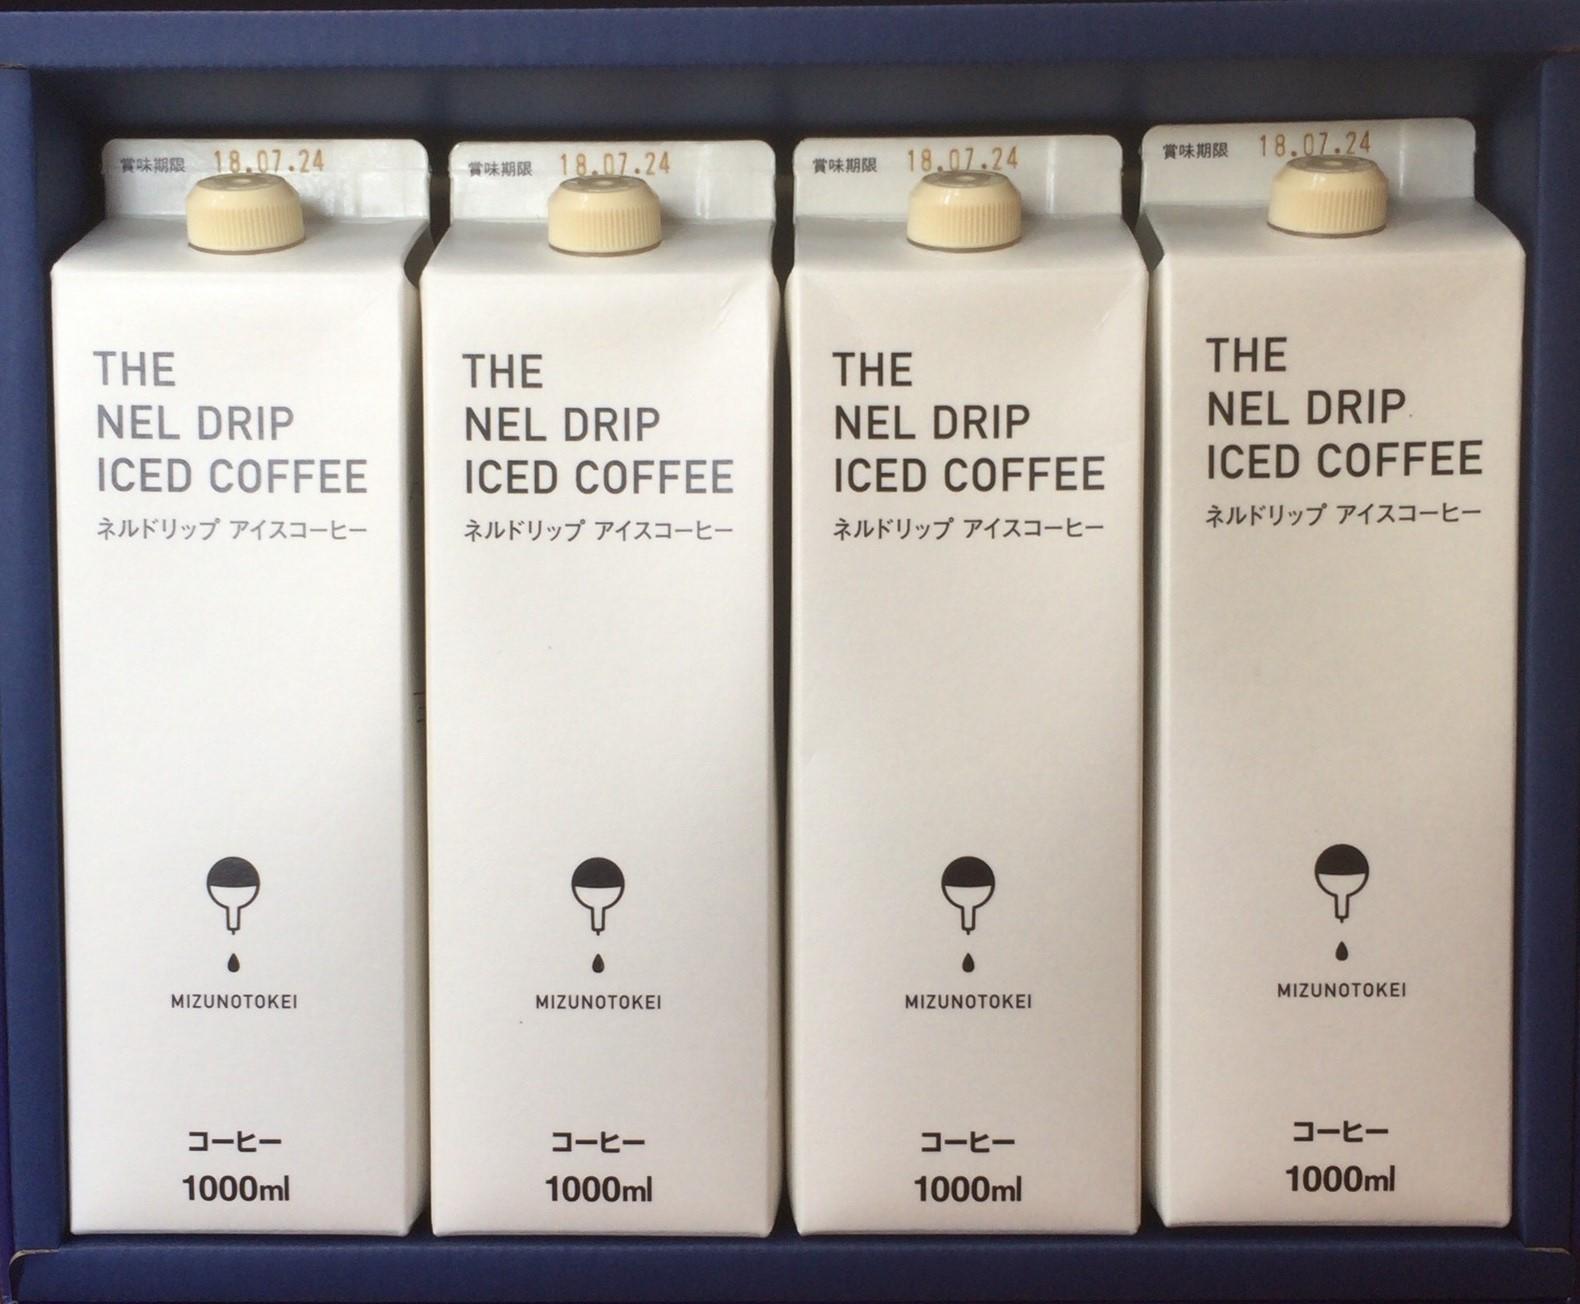 ネルドリップアイスコーヒー  4本セット